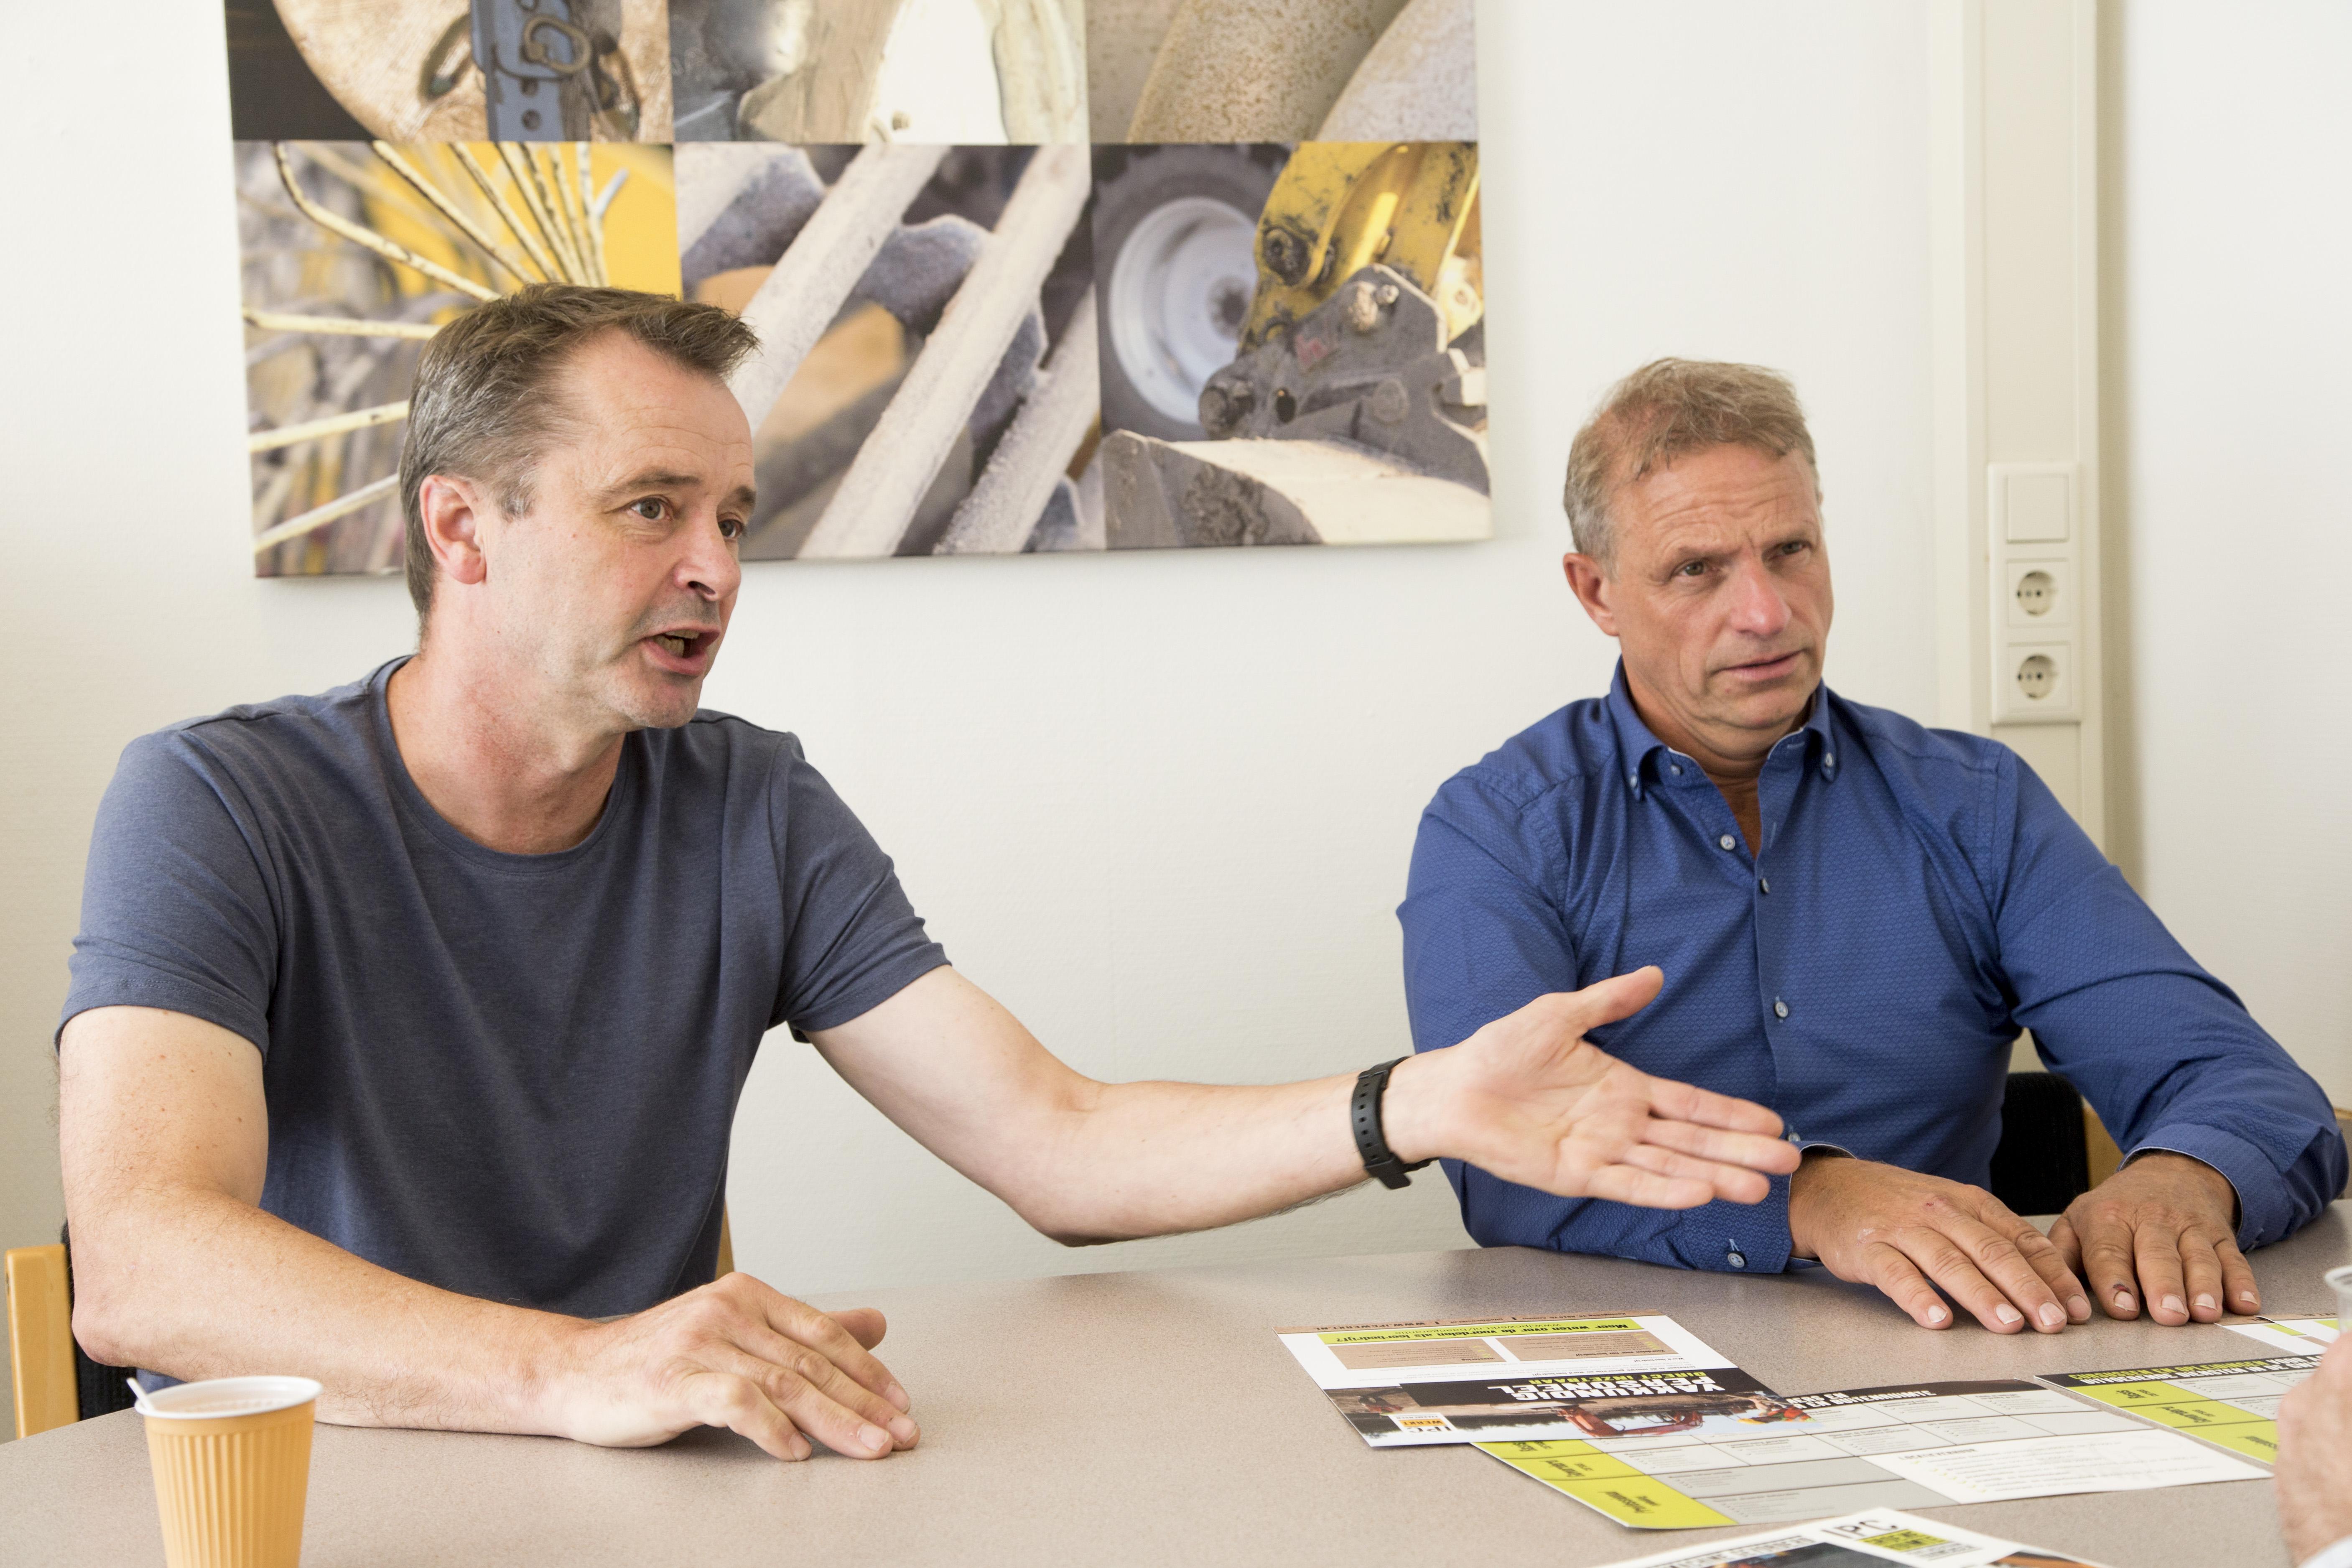 <p>DirecteurJohan van Apeldoorn en trainer Pim de Jonge van IPC Werkt: 'Het vinden van leerlingen is de grote uitdaging.'</p>